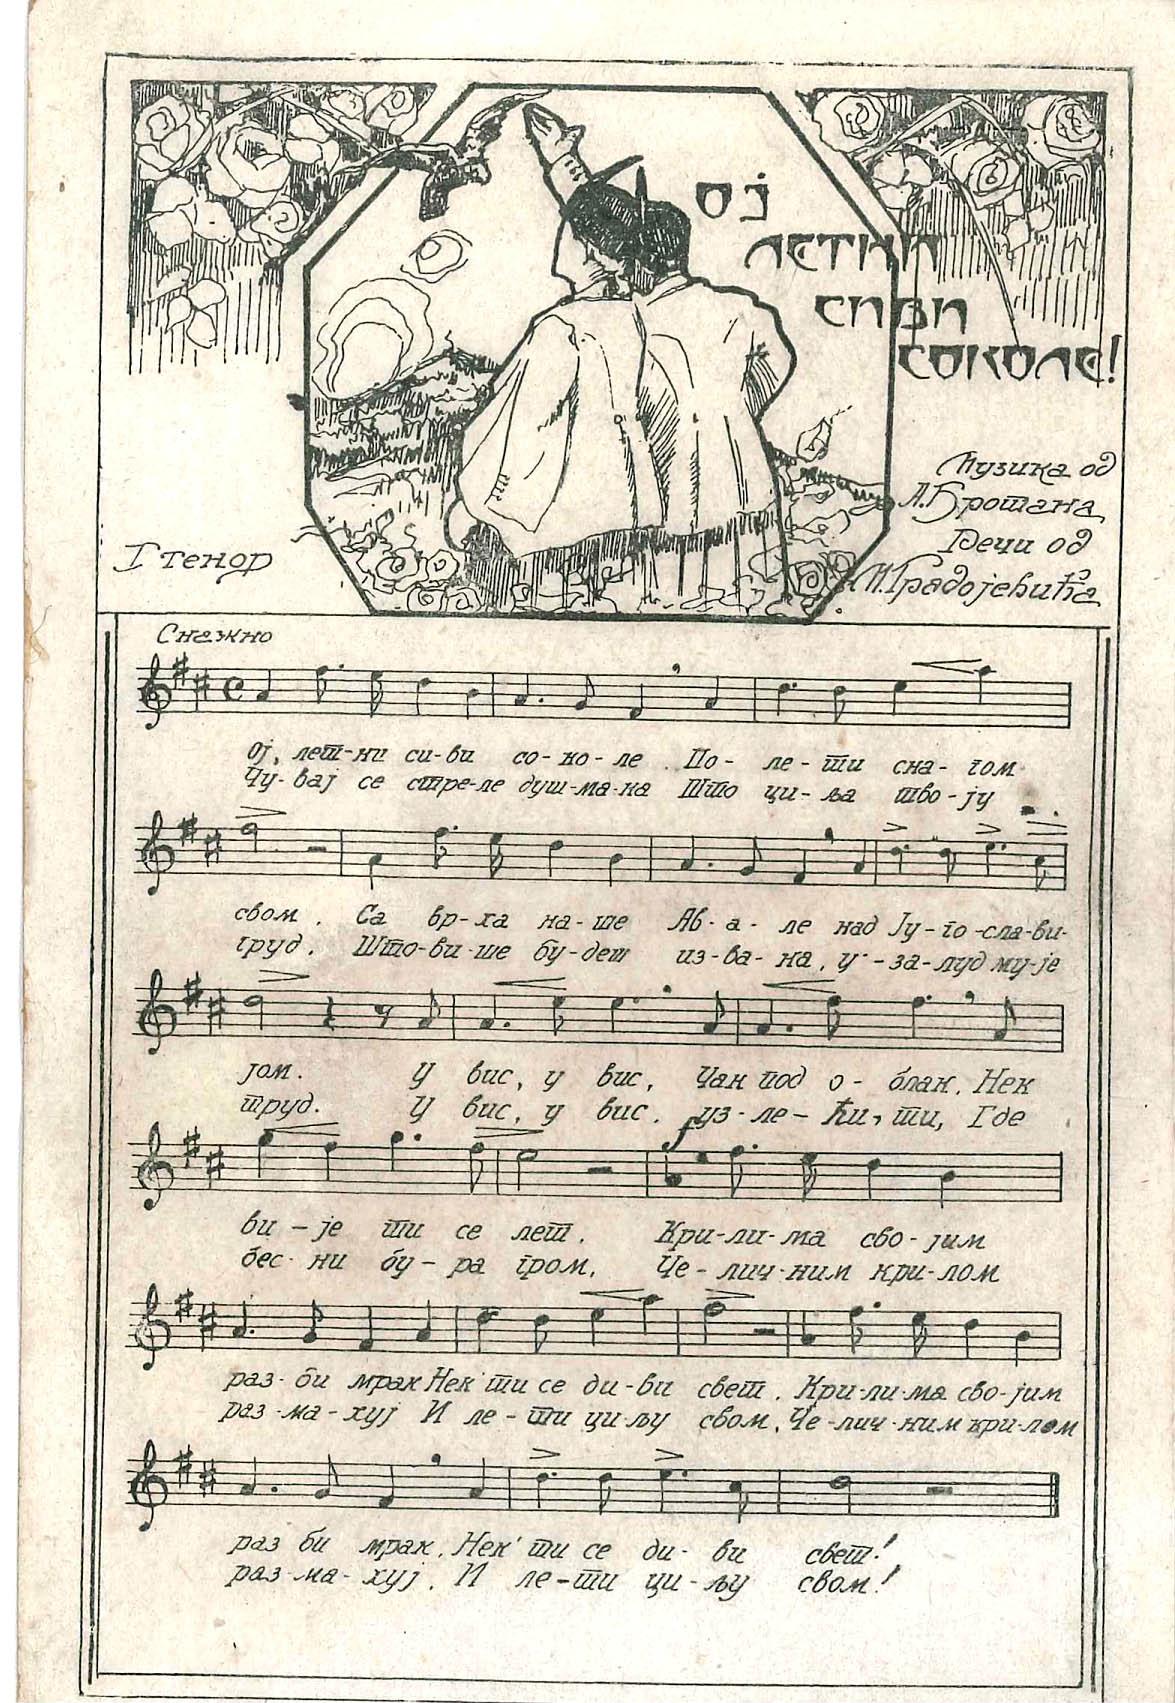 Sokolska pesma